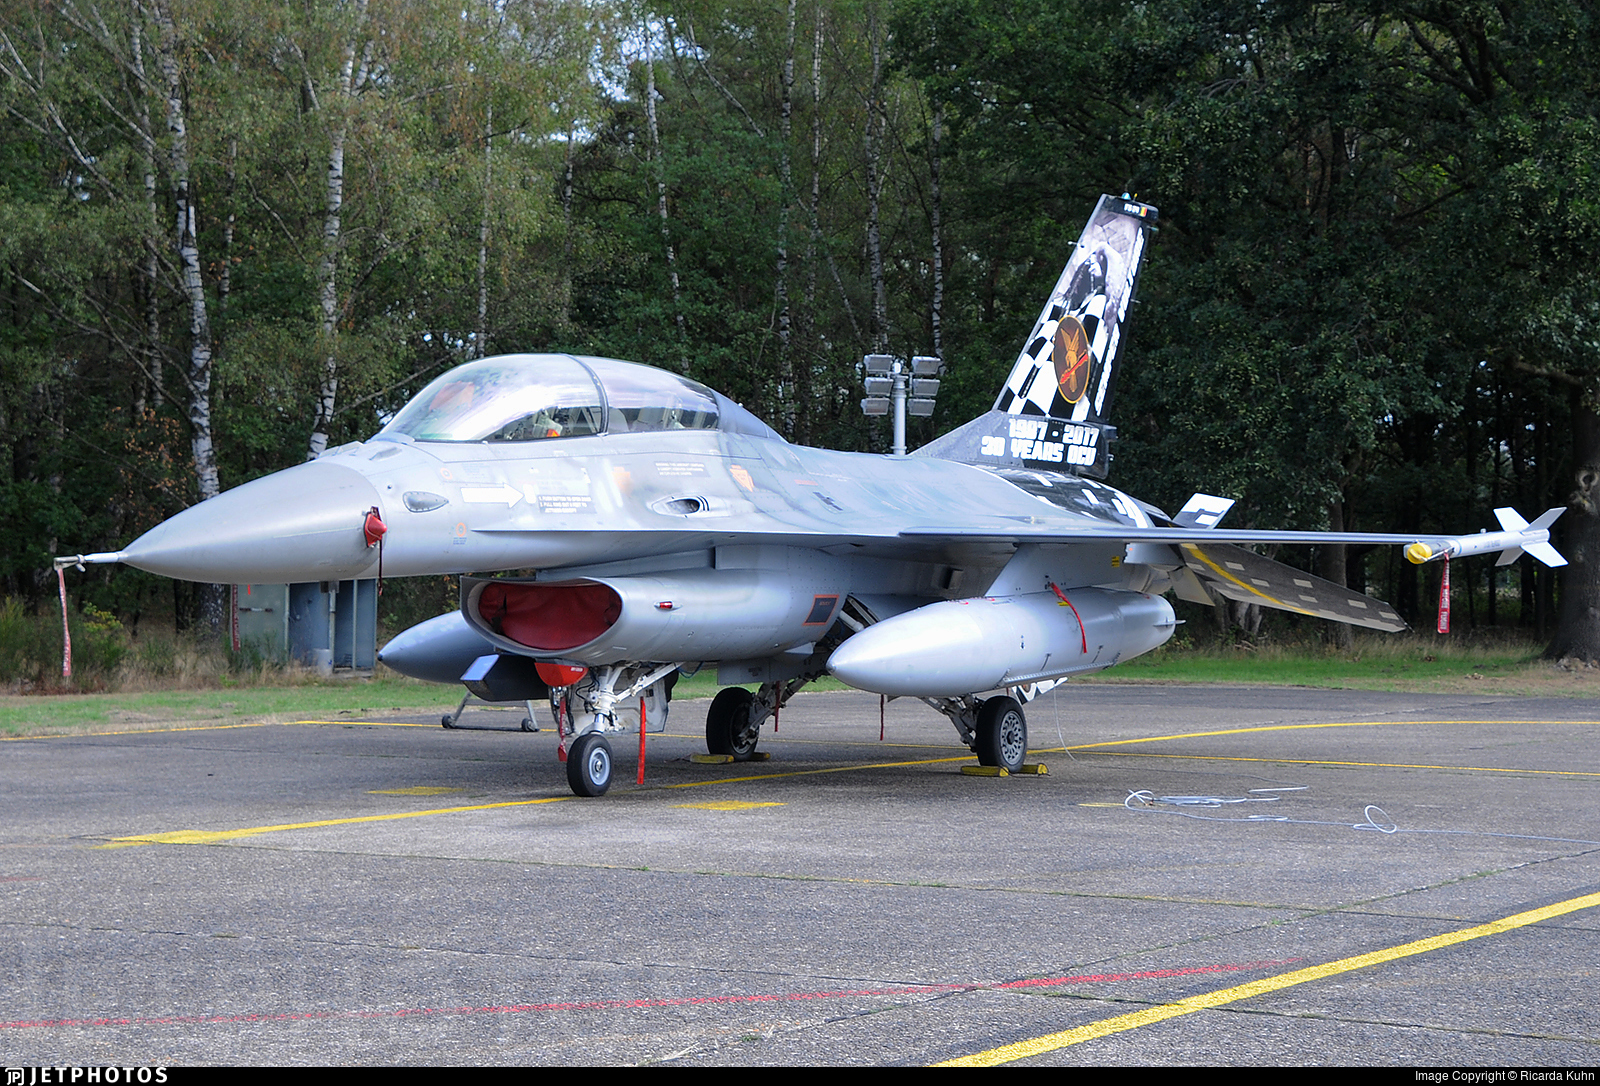 Белгийски изтребител F-16 се е разбил във Франция, единият пилот се е закачил на високоволтов кабел